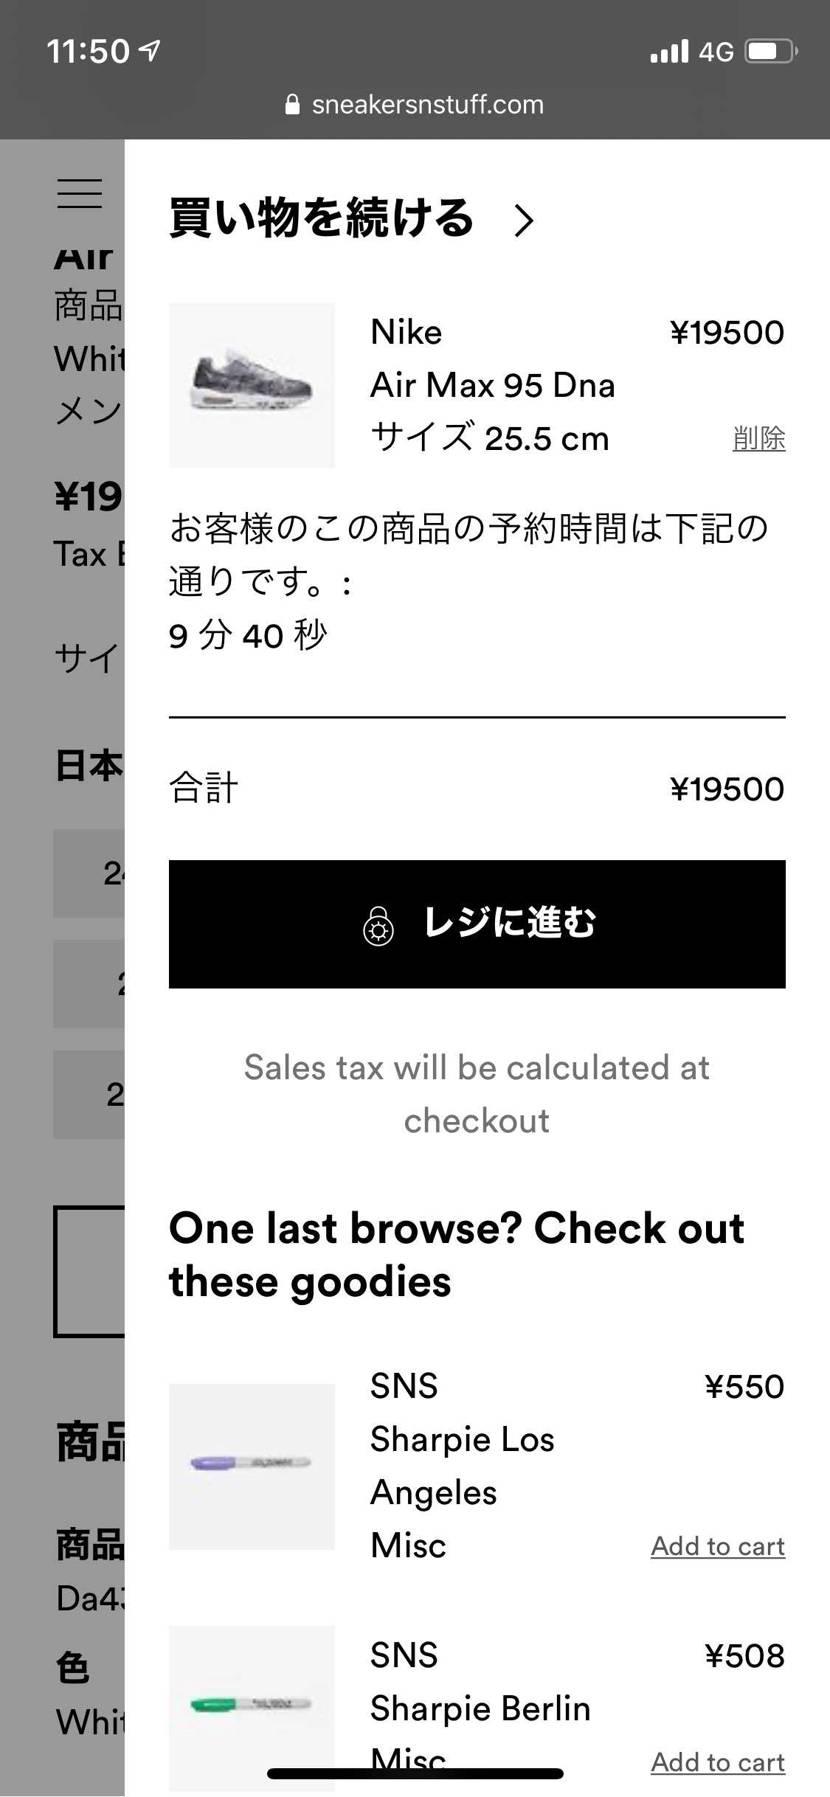 来週発売のAIRMAX95!?カートに入るってことは買えるってことなのかな?( ̄